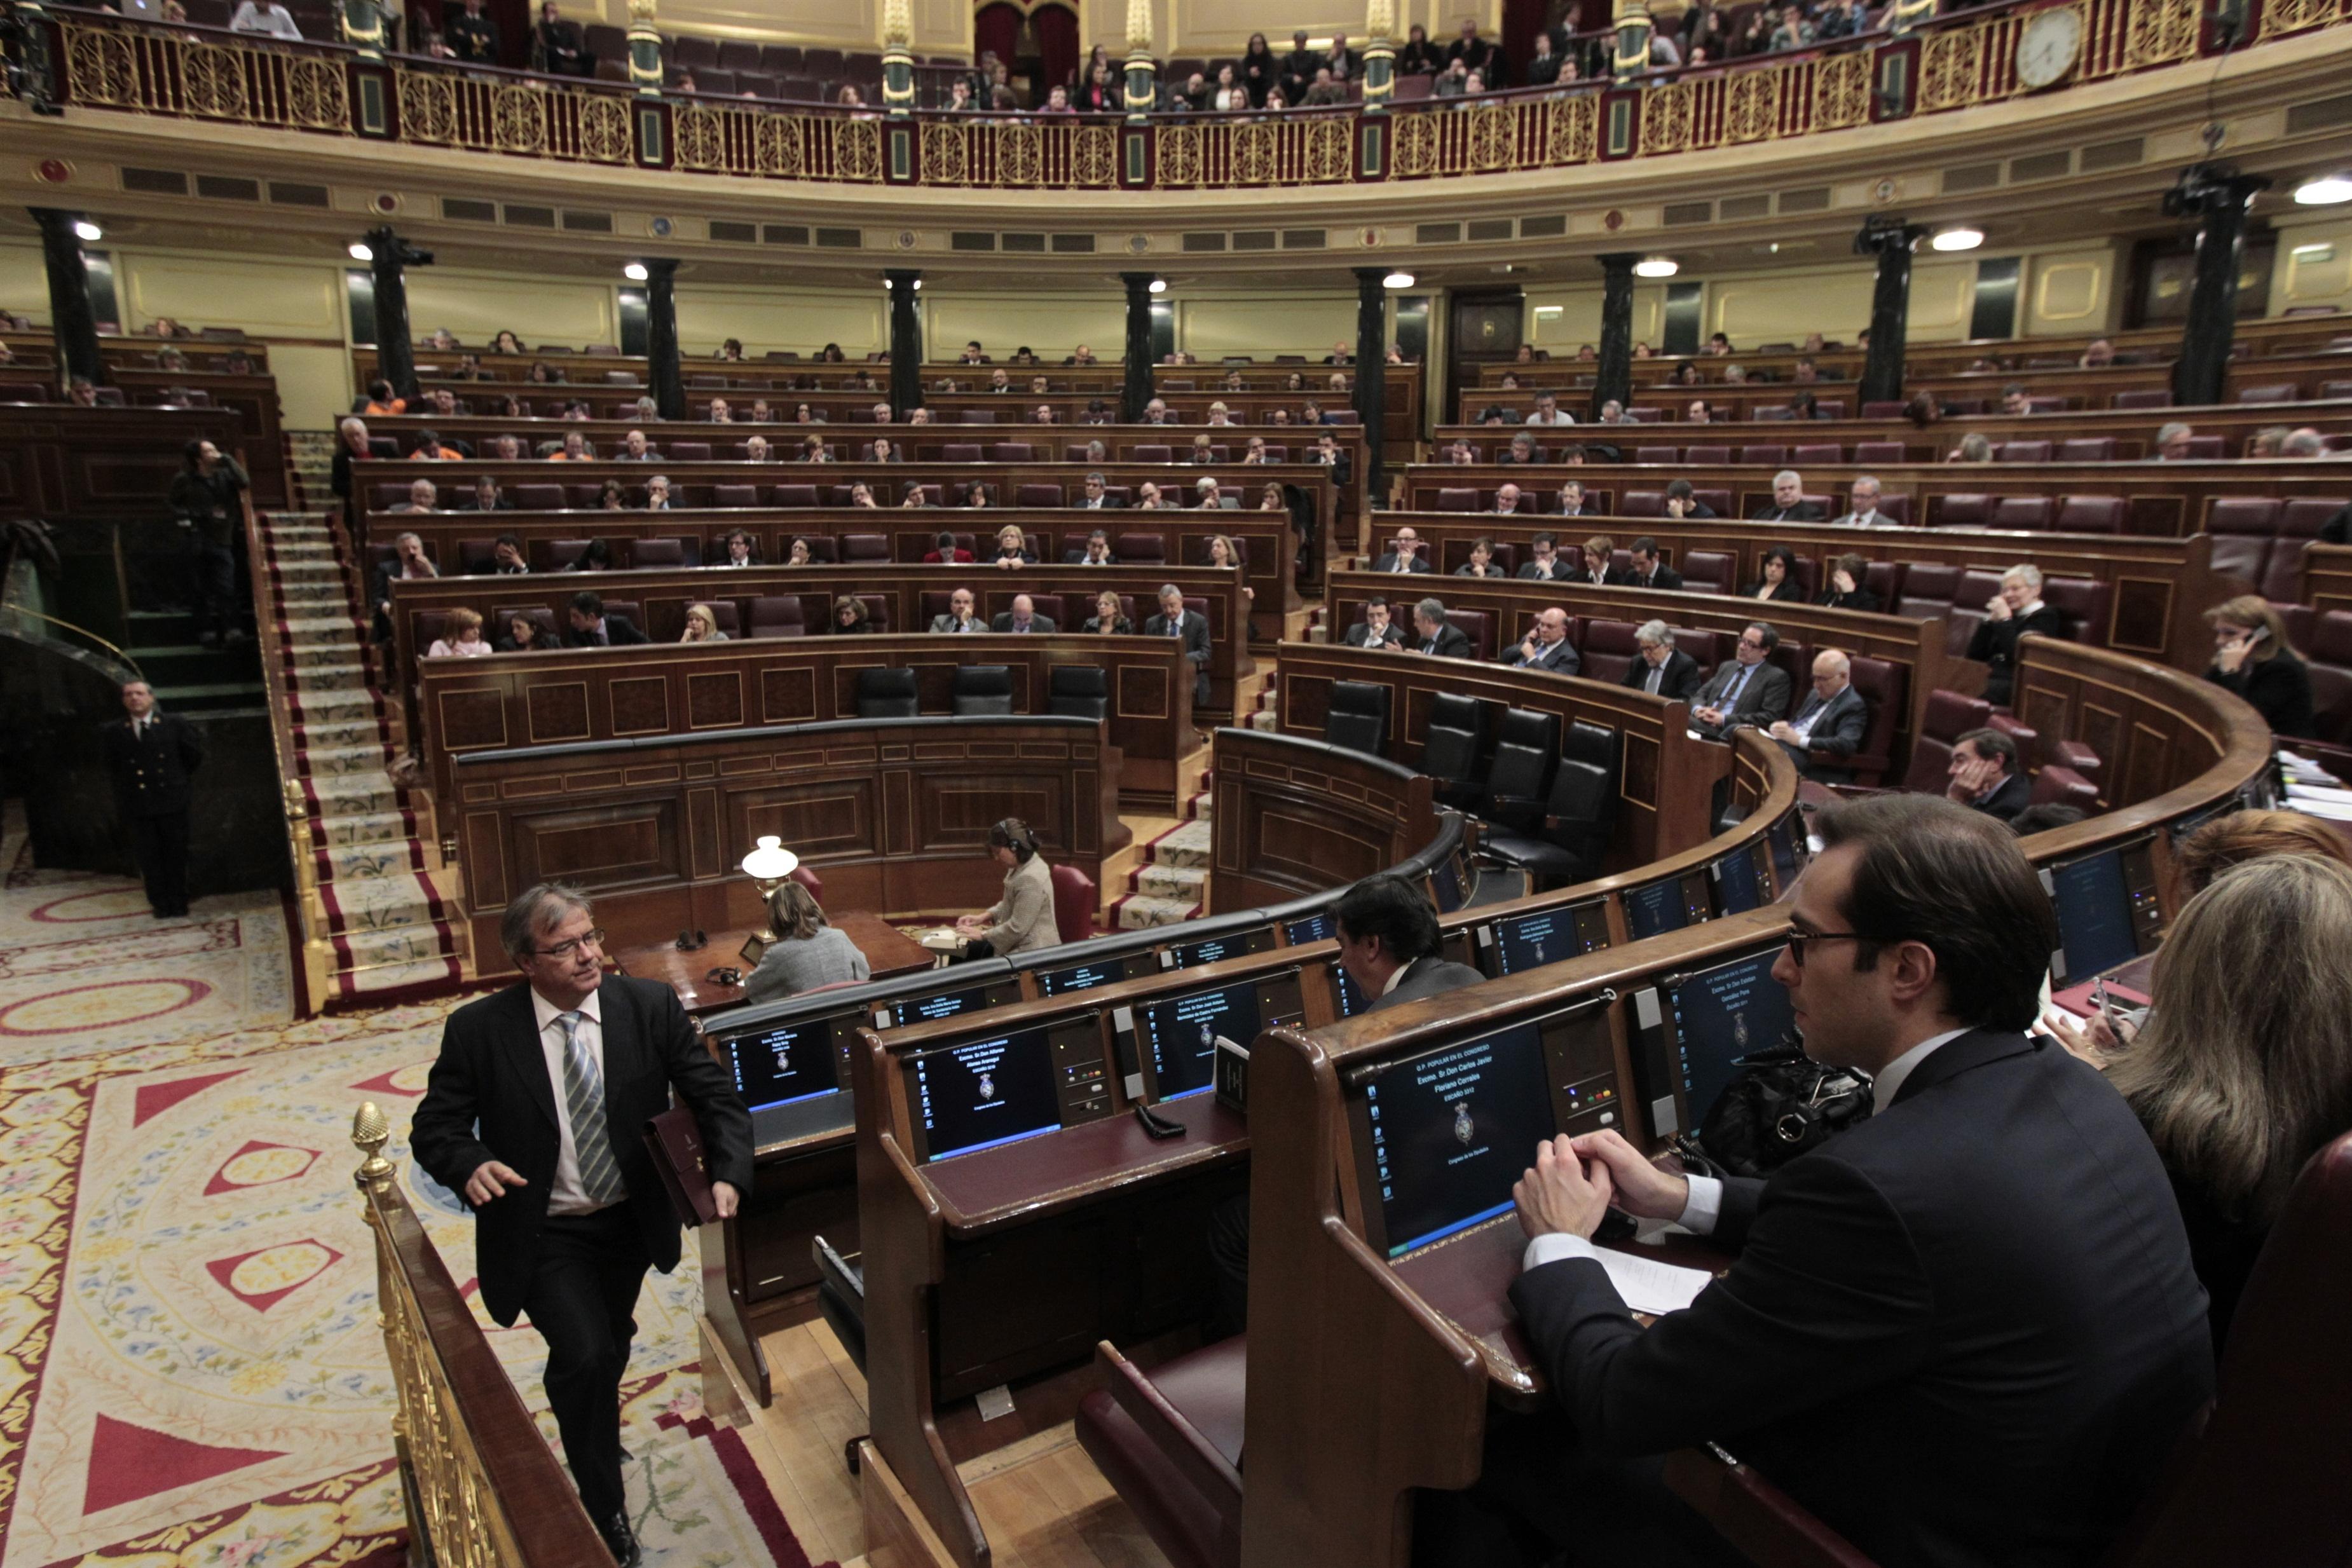 Congreso convalidará el 12 de septiembre el decreto de trabajadores a tiempo parcial, aprobado el pasado día 2